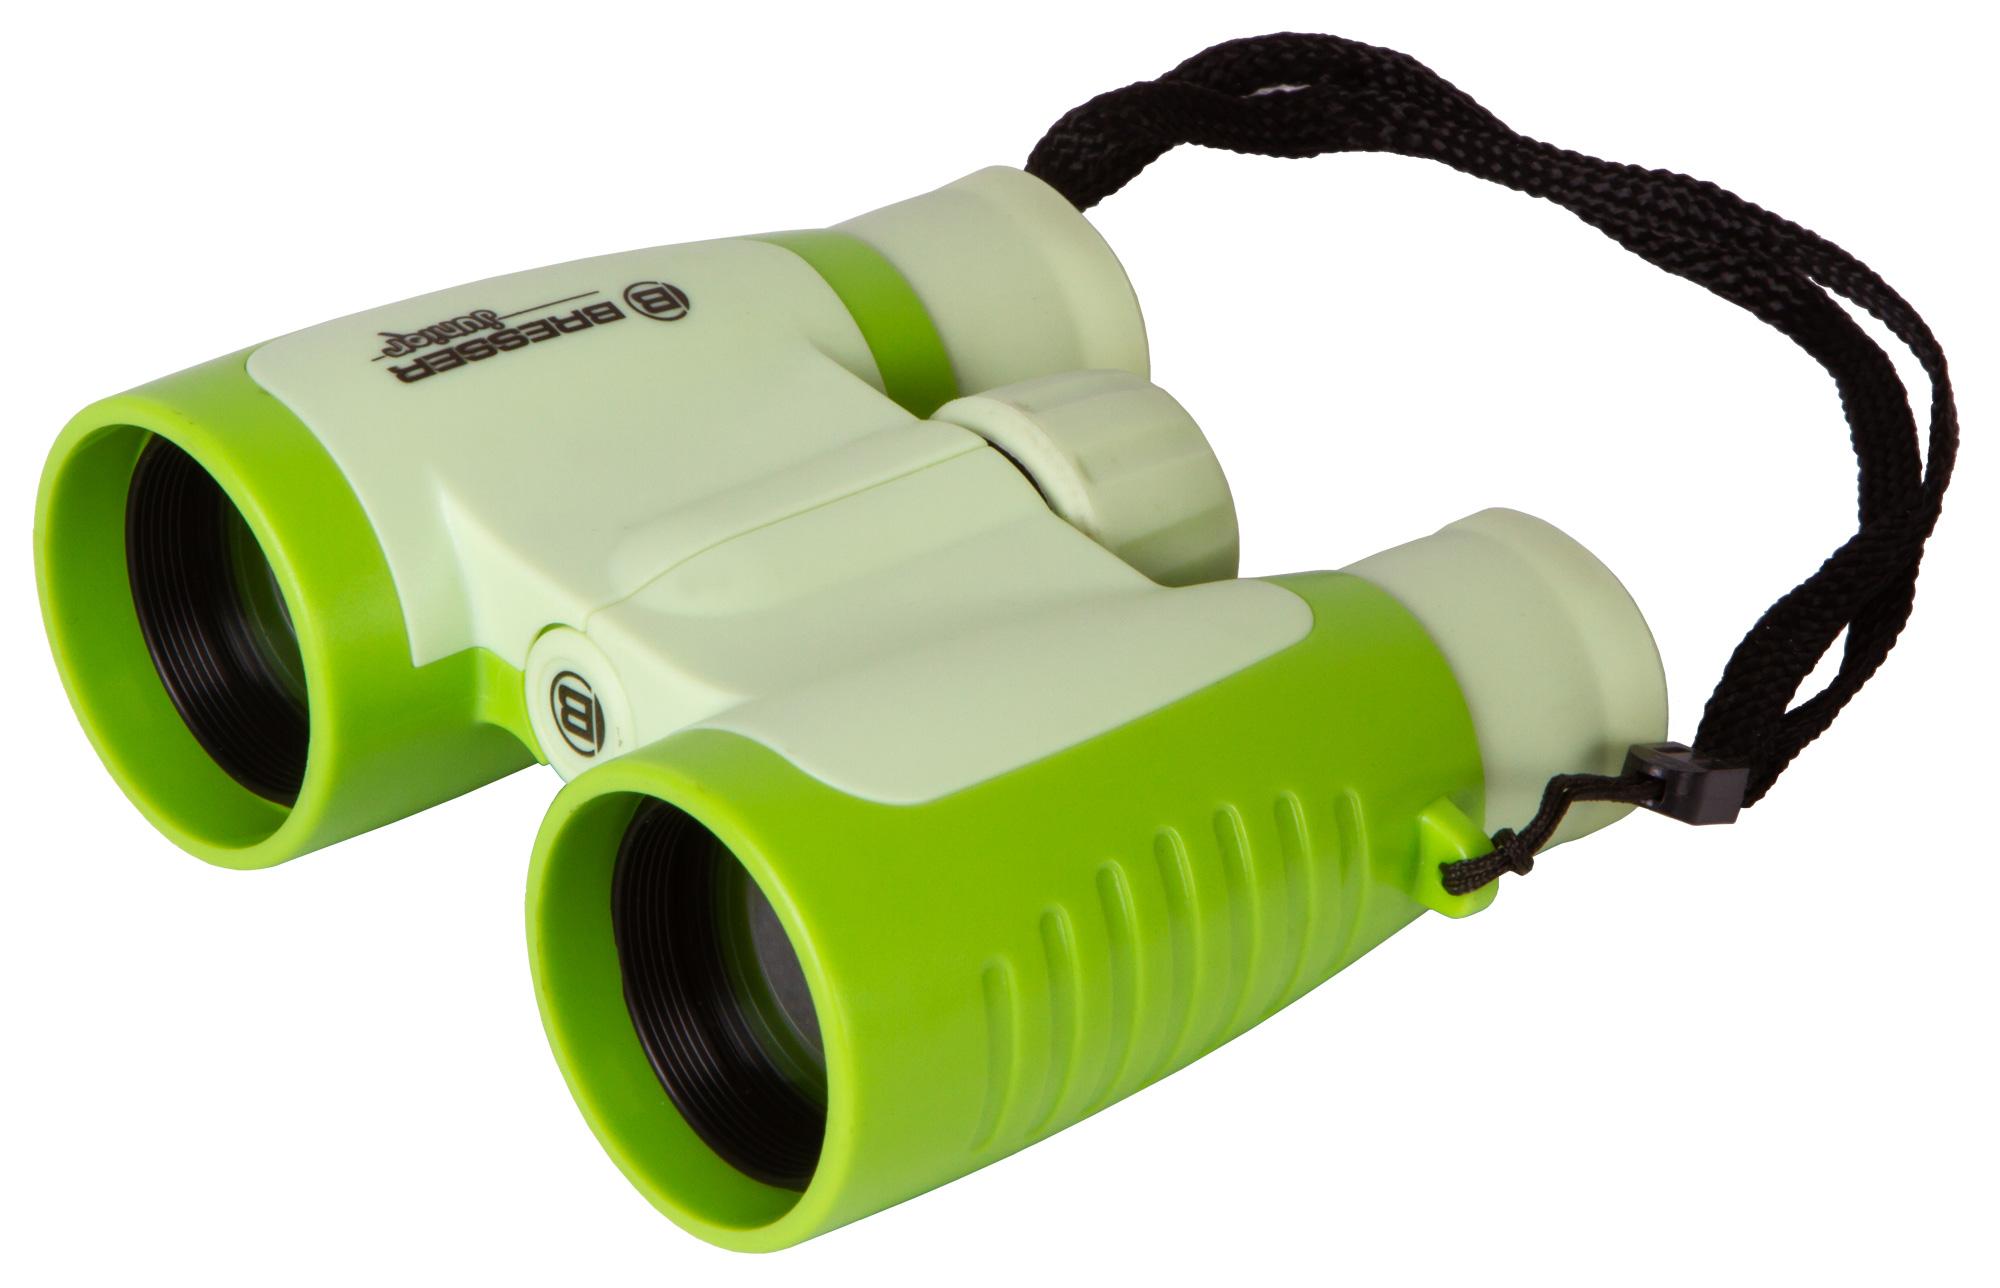 Картинка для Бинокль детский Bresser (Брессер) Junior 3x30, зеленый